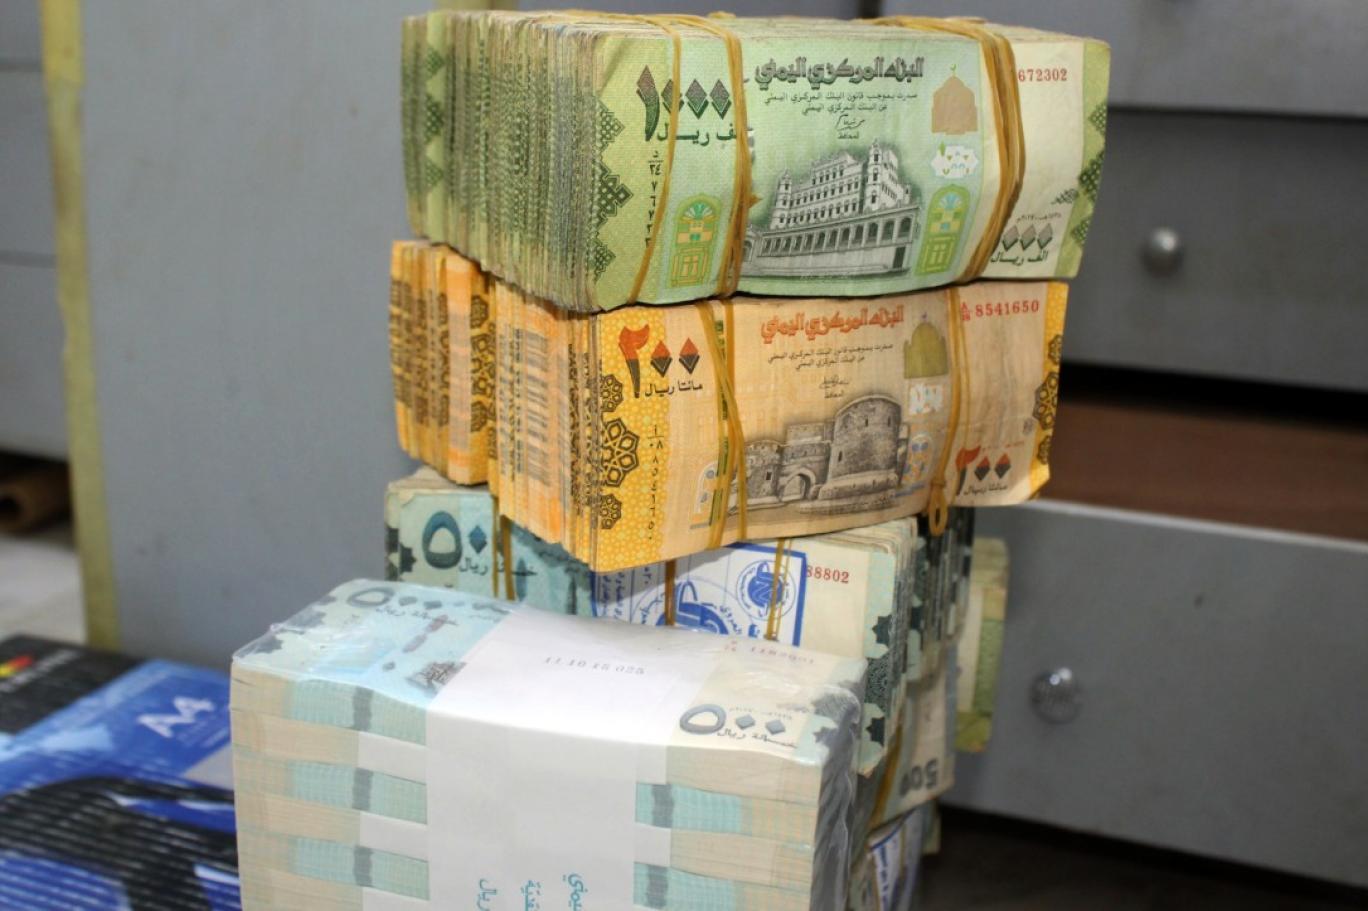 آخر تحديث لأسعار صرف العملات الأجنبية مقابل الريال اليمني في كلا من صنعاء وعدن!